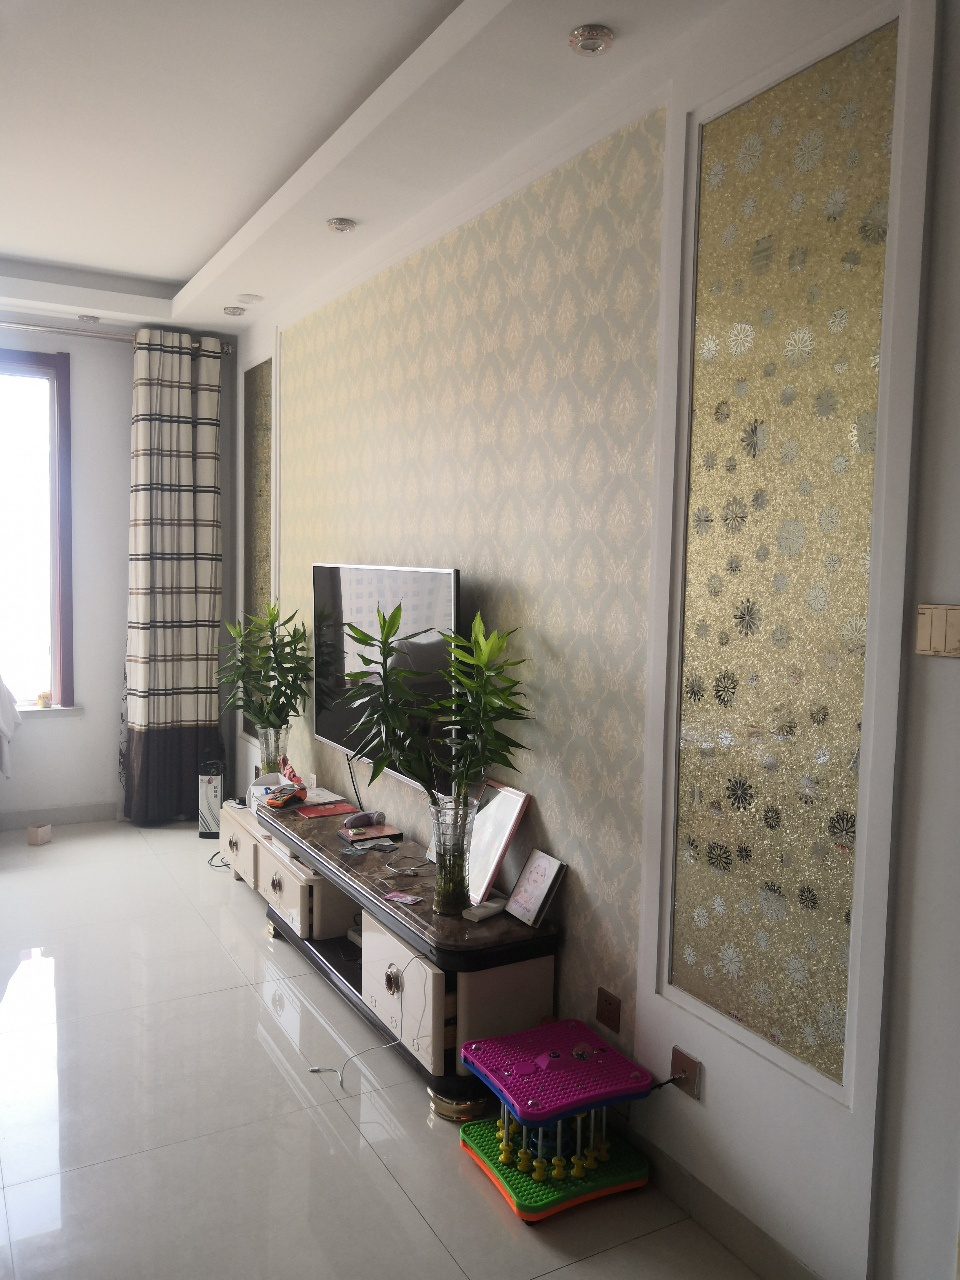 巴黎庄园精装修带家具家电2室1厅1卫60万元